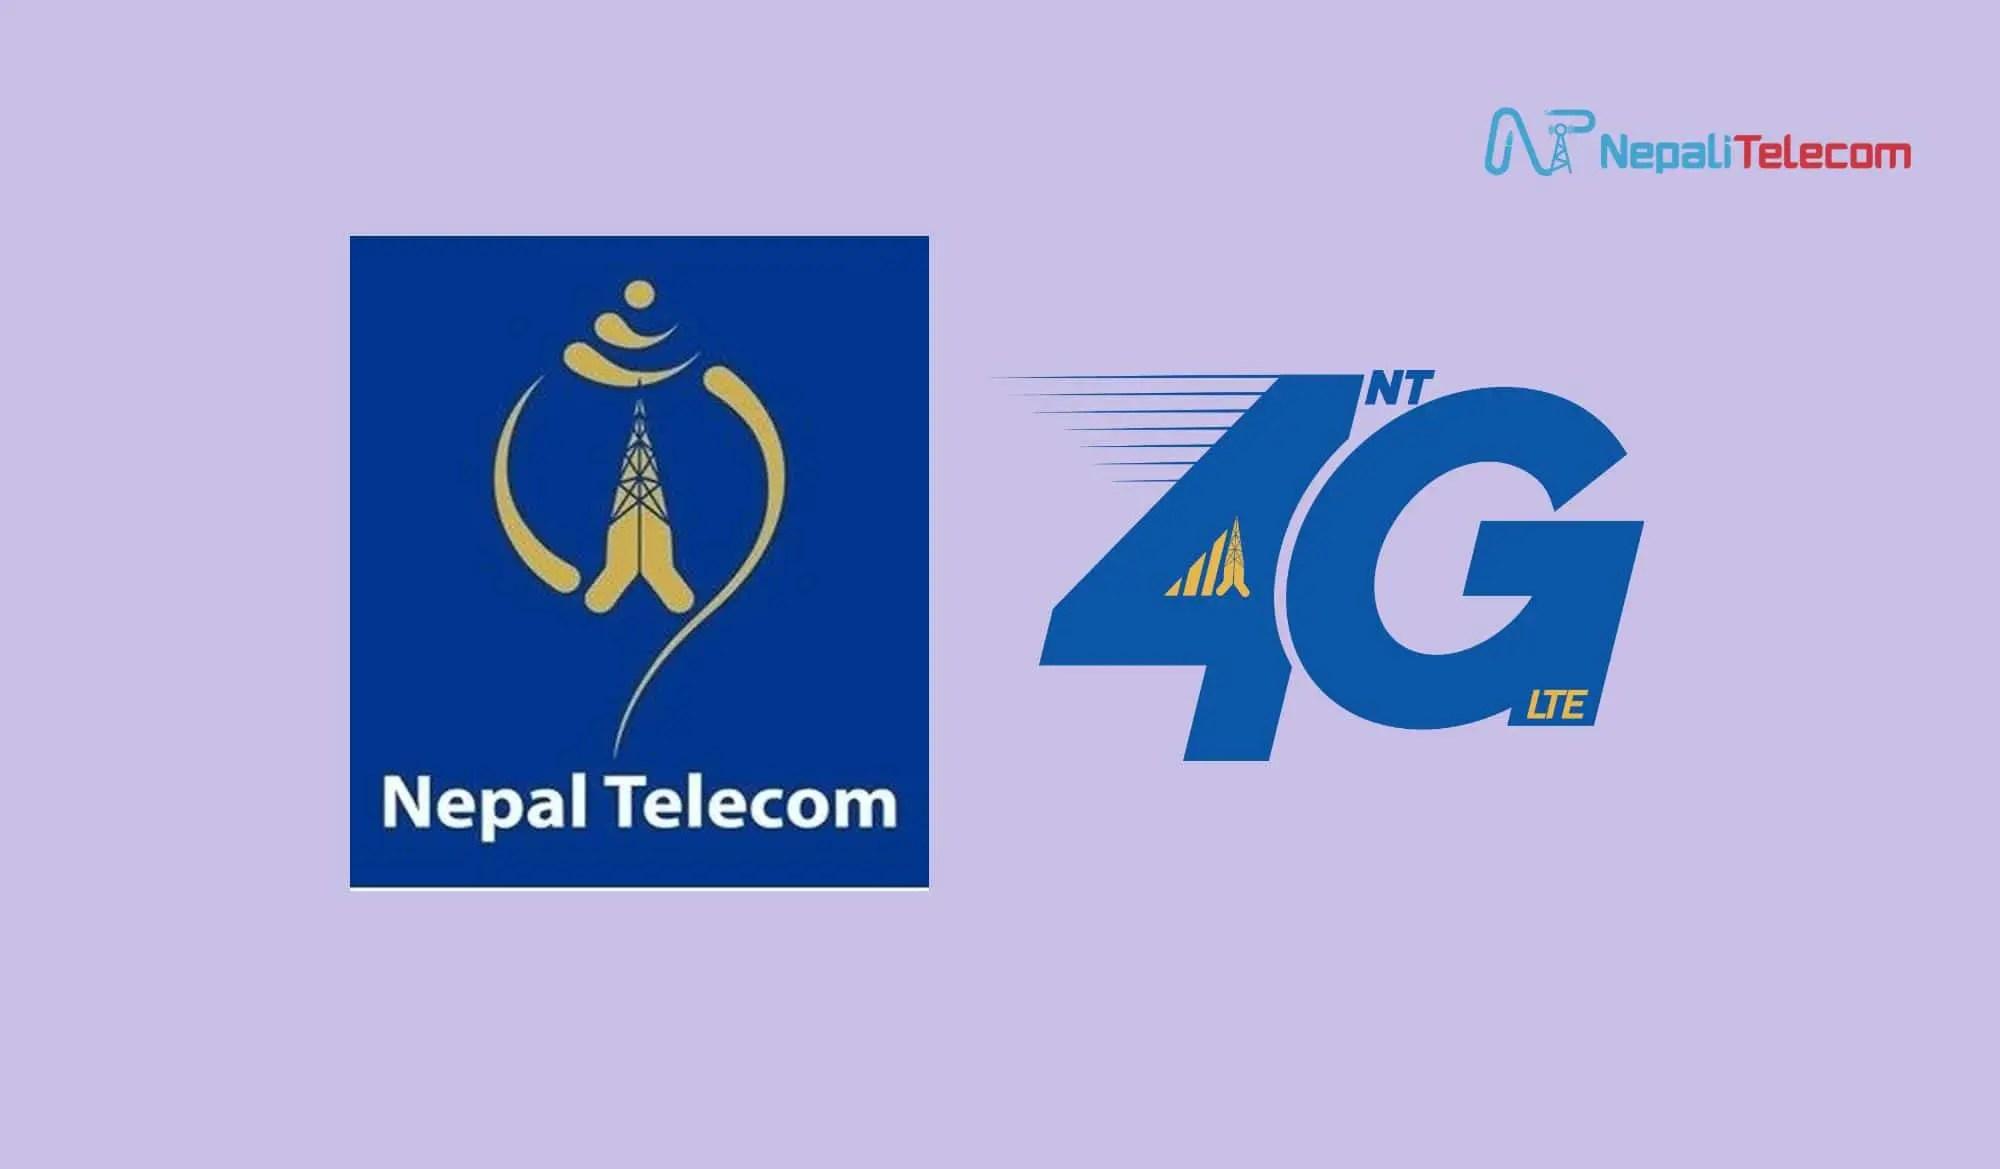 Nepal Telecom 4G LTE